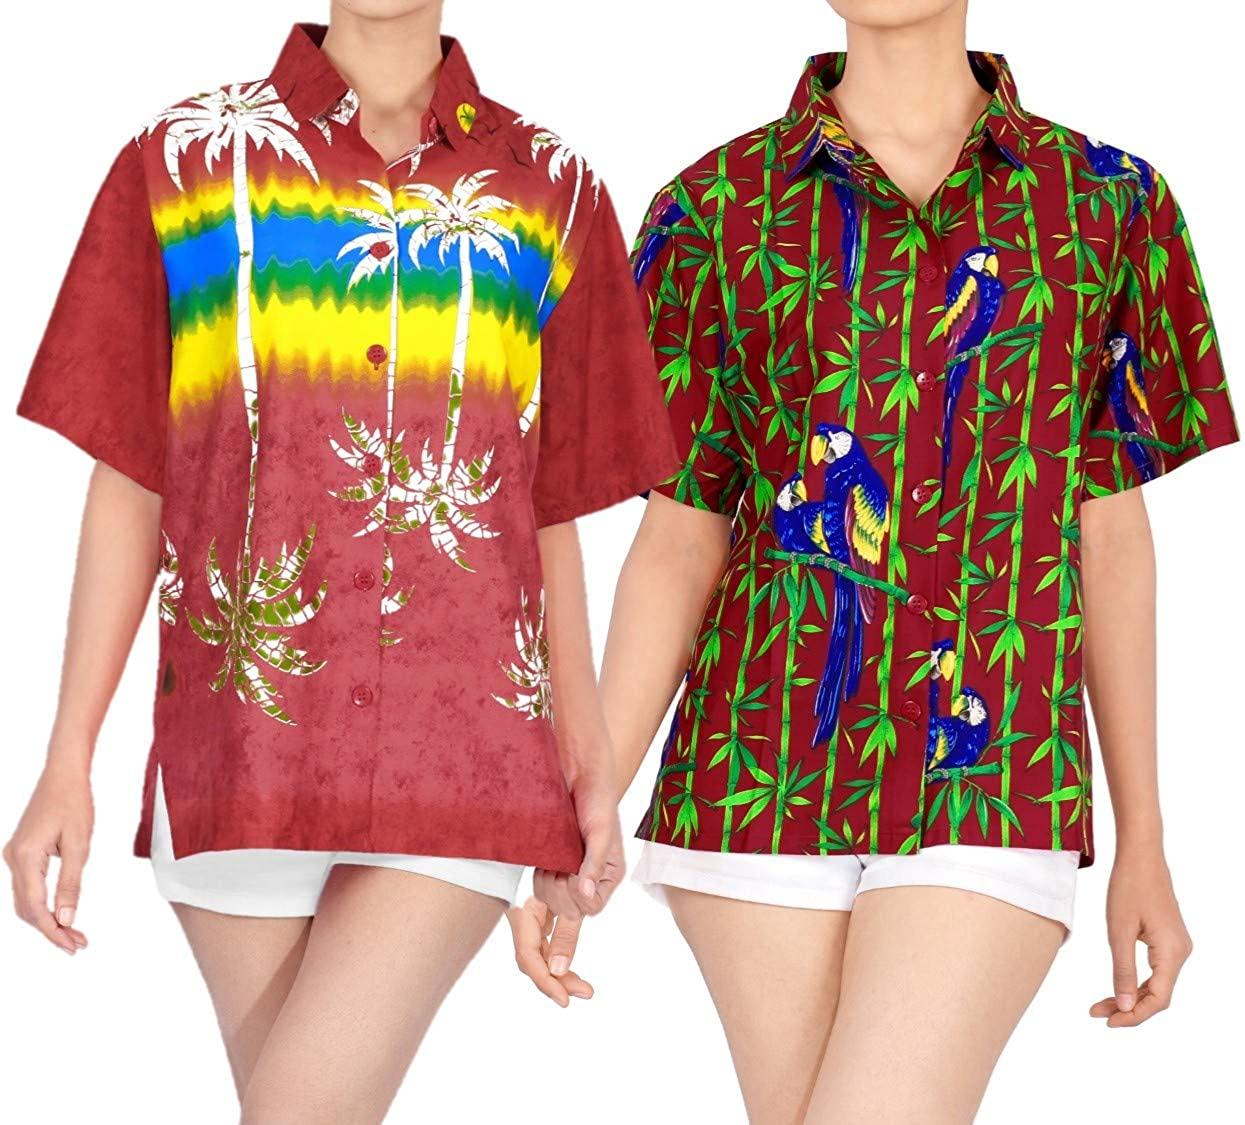 LA LEELA Women's Beach Hawaiian Shirt Regular Fit Short Sleeve Shirt Work from Home Clothes Women Beach Shirt Blouse Shirt Combo Pack of 2 Size XL